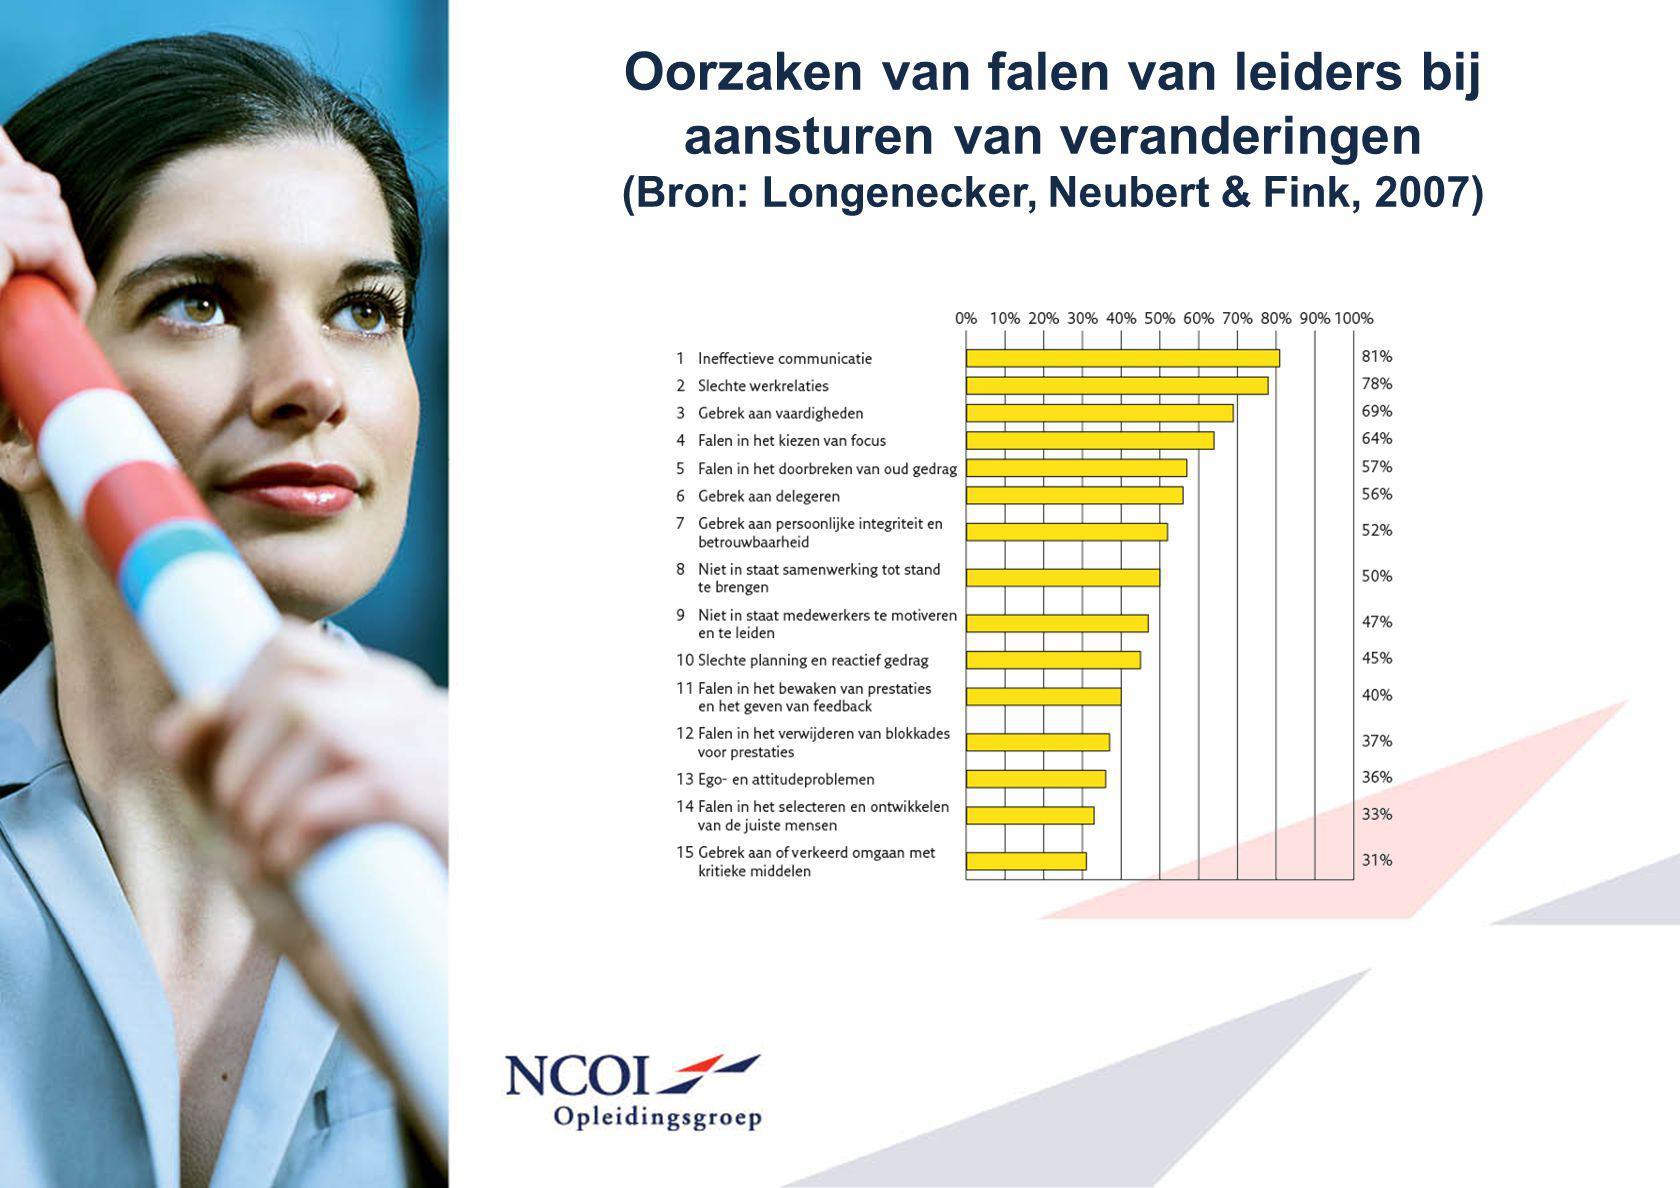 Oorzaken van falen van leiders bij aansturen van veranderingen (Bron: Longenecker, Neubert & Fink, 2007)